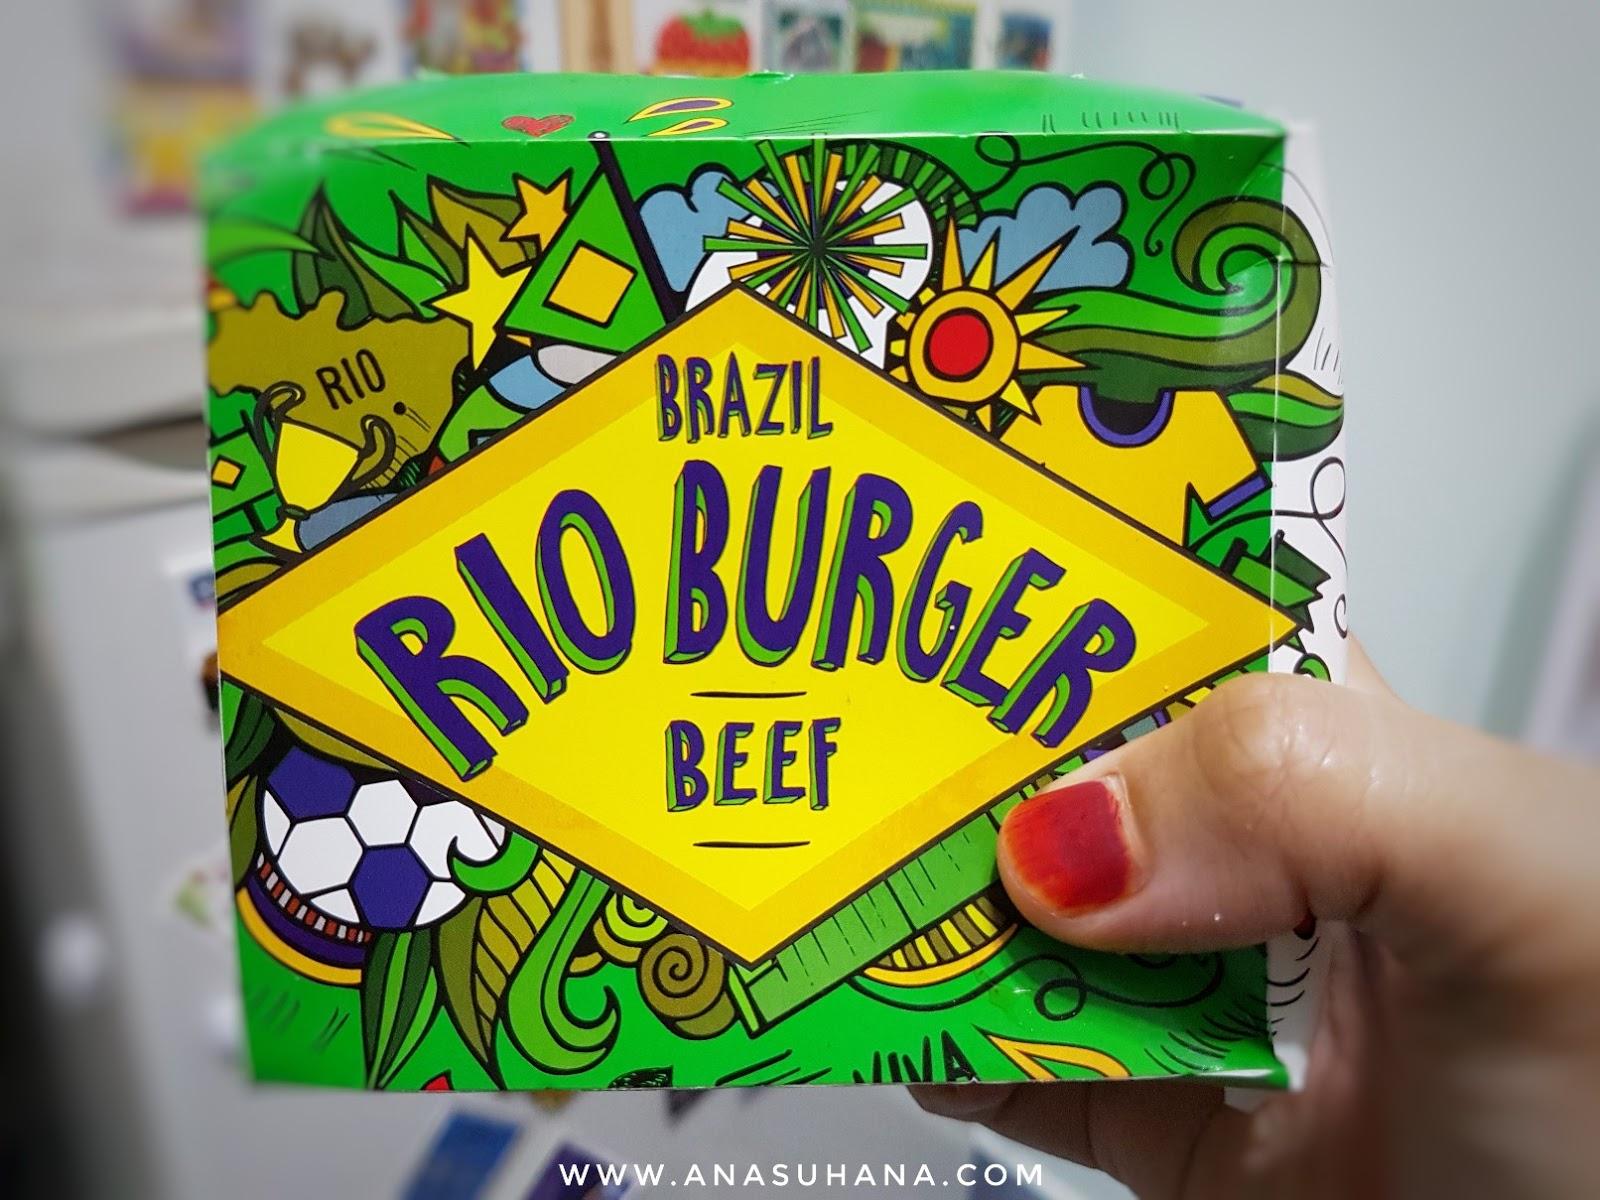 Burger Rio McDonald